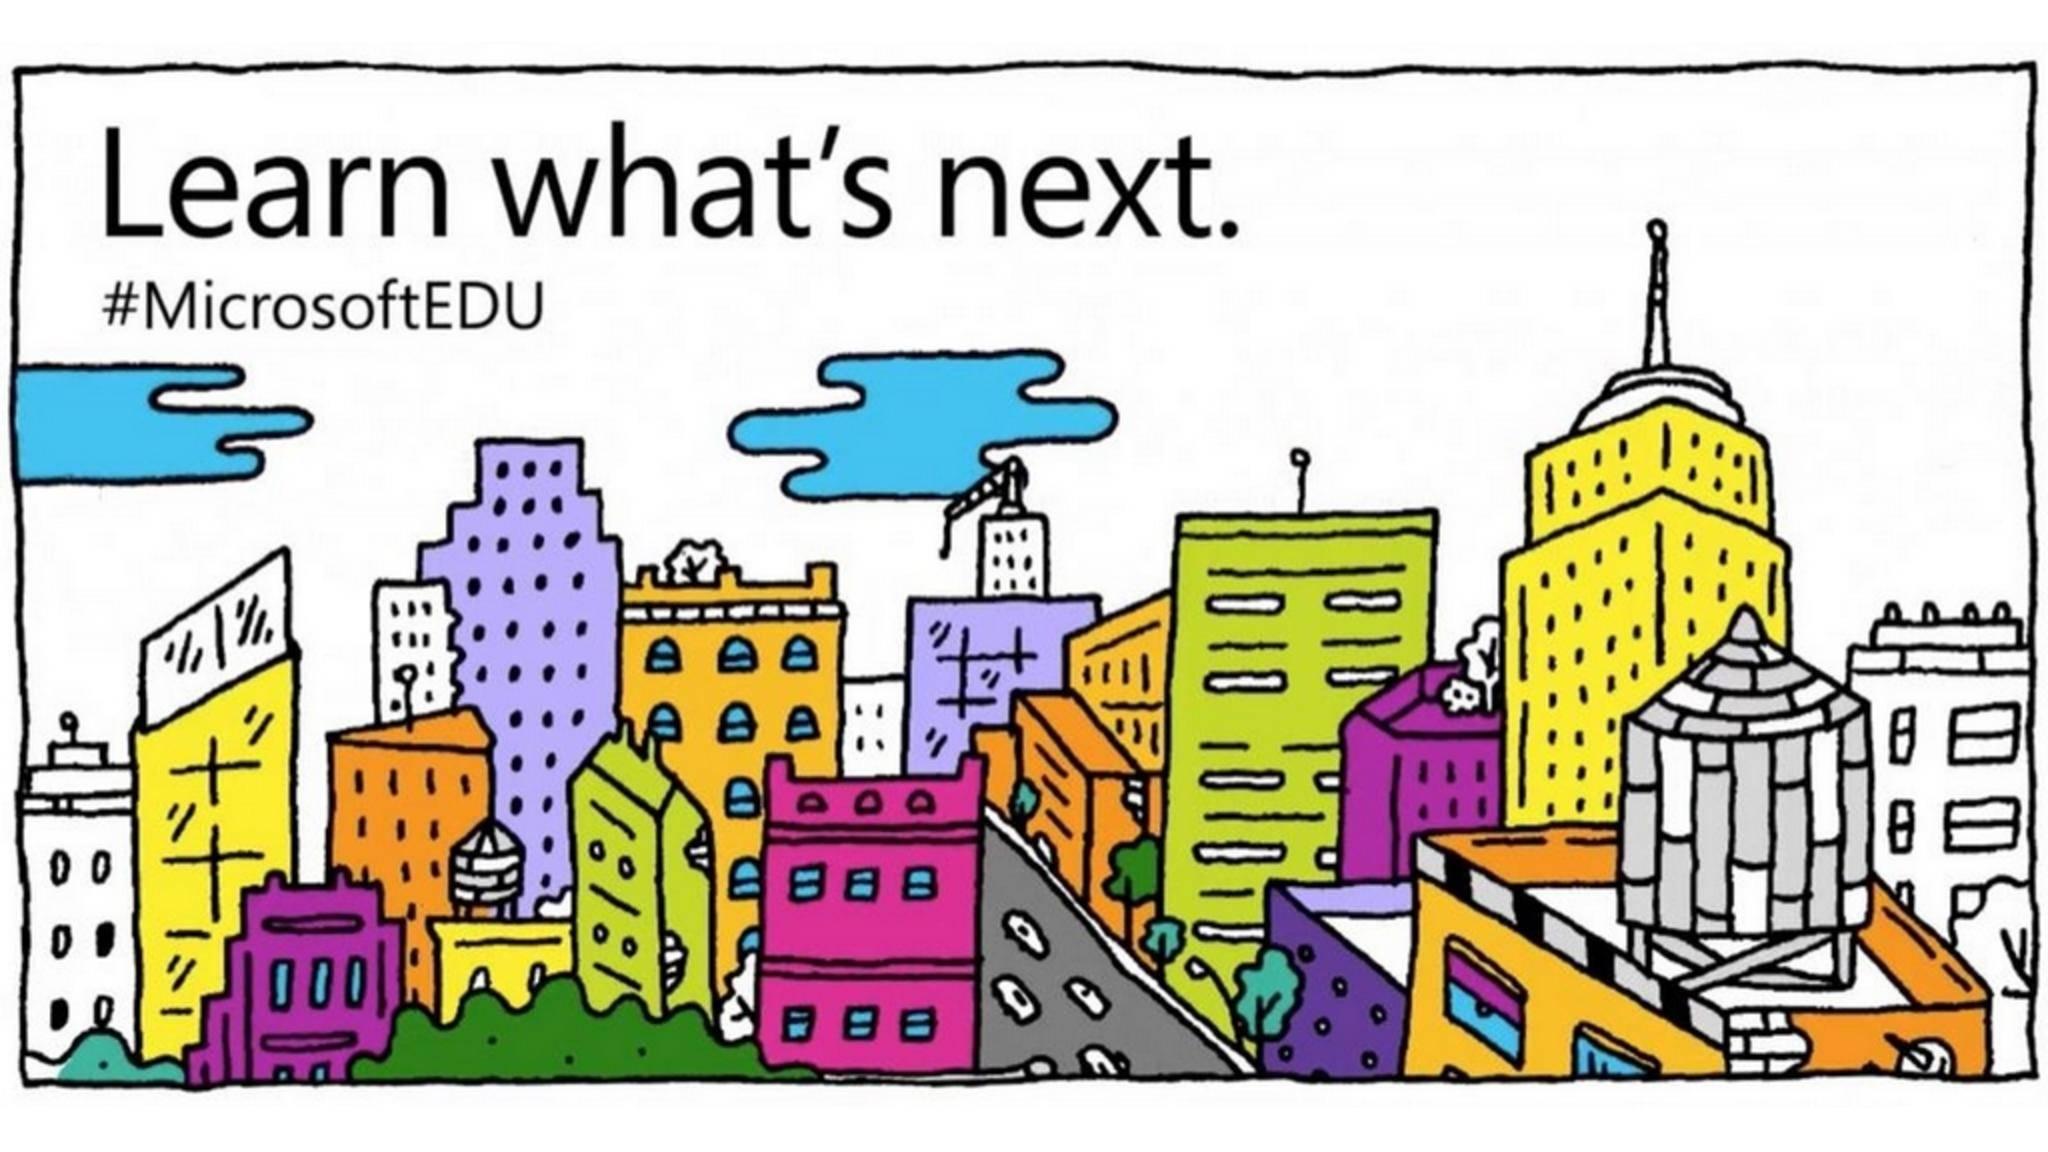 Der Bildungsbereich steht auf dem Microsoft-Event am 2. Mai im Fokus.